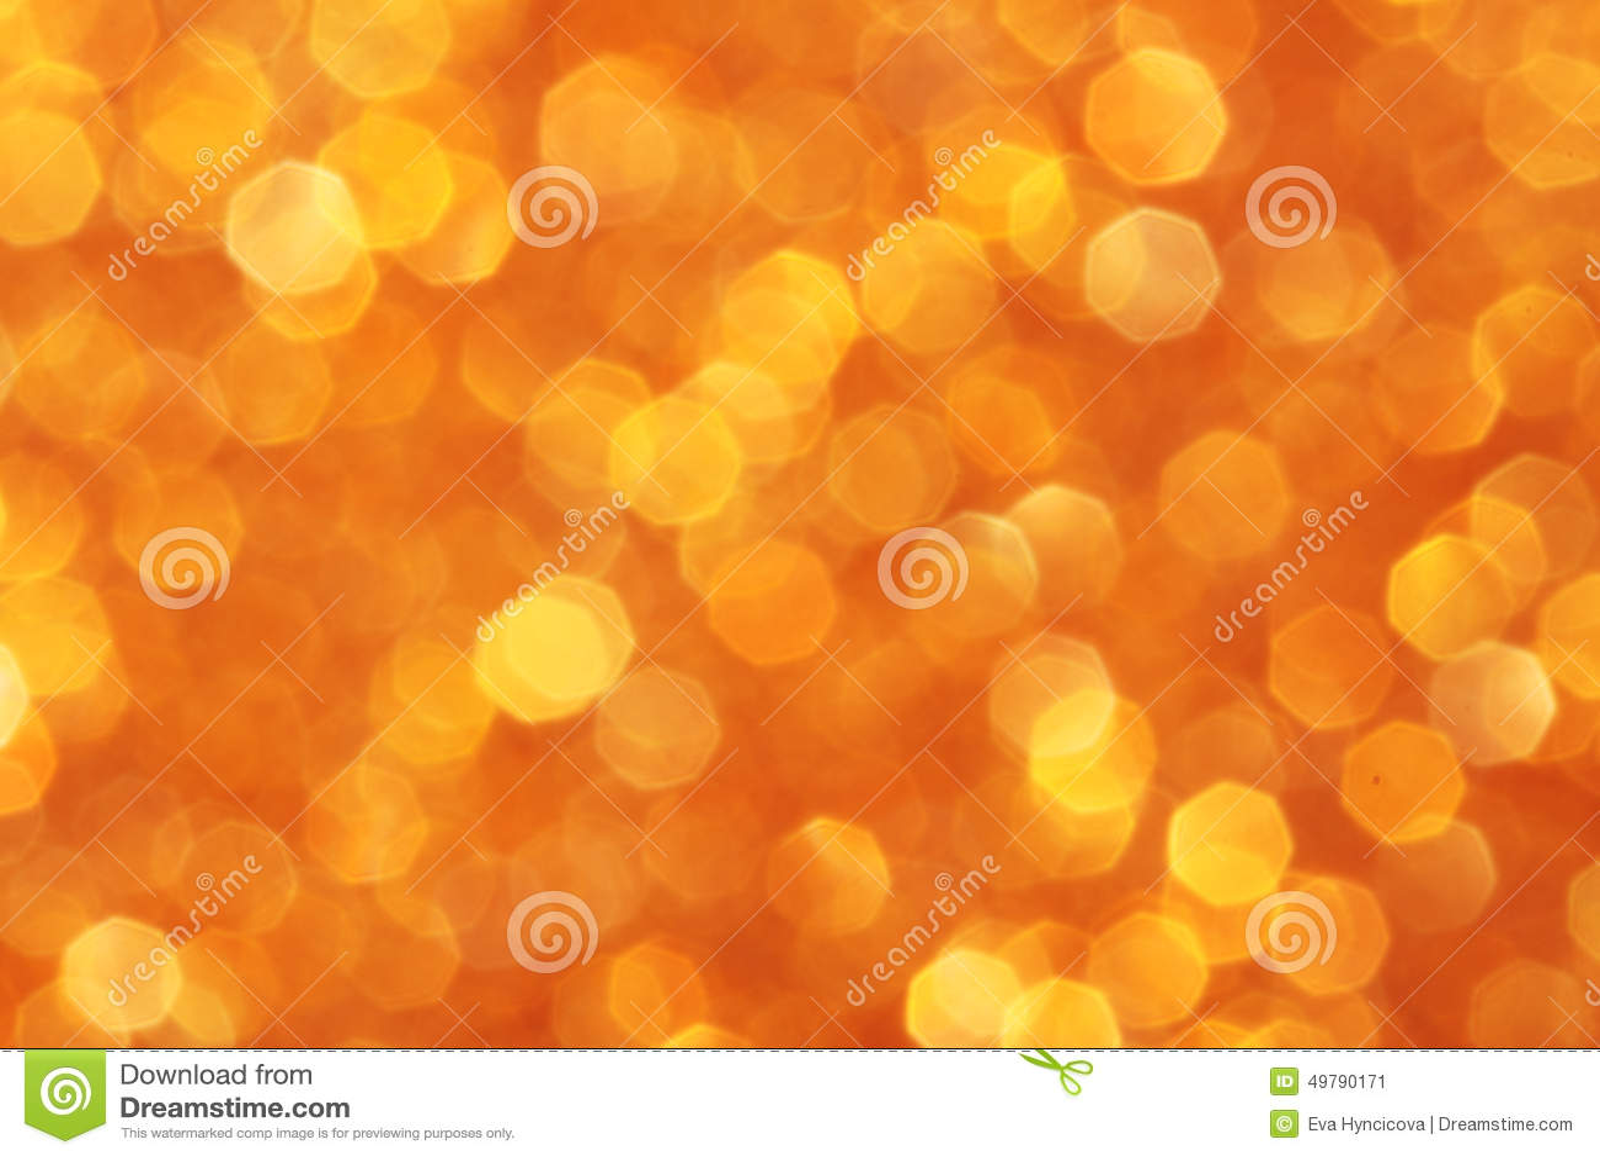 Orange Yellow Gold Sparkle Background Stock Image